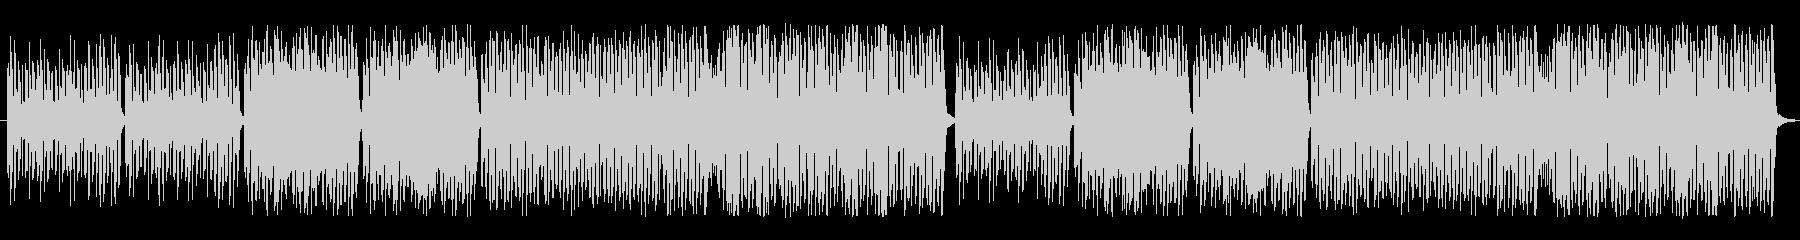 ピアノとリコーダーの可愛い曲の未再生の波形